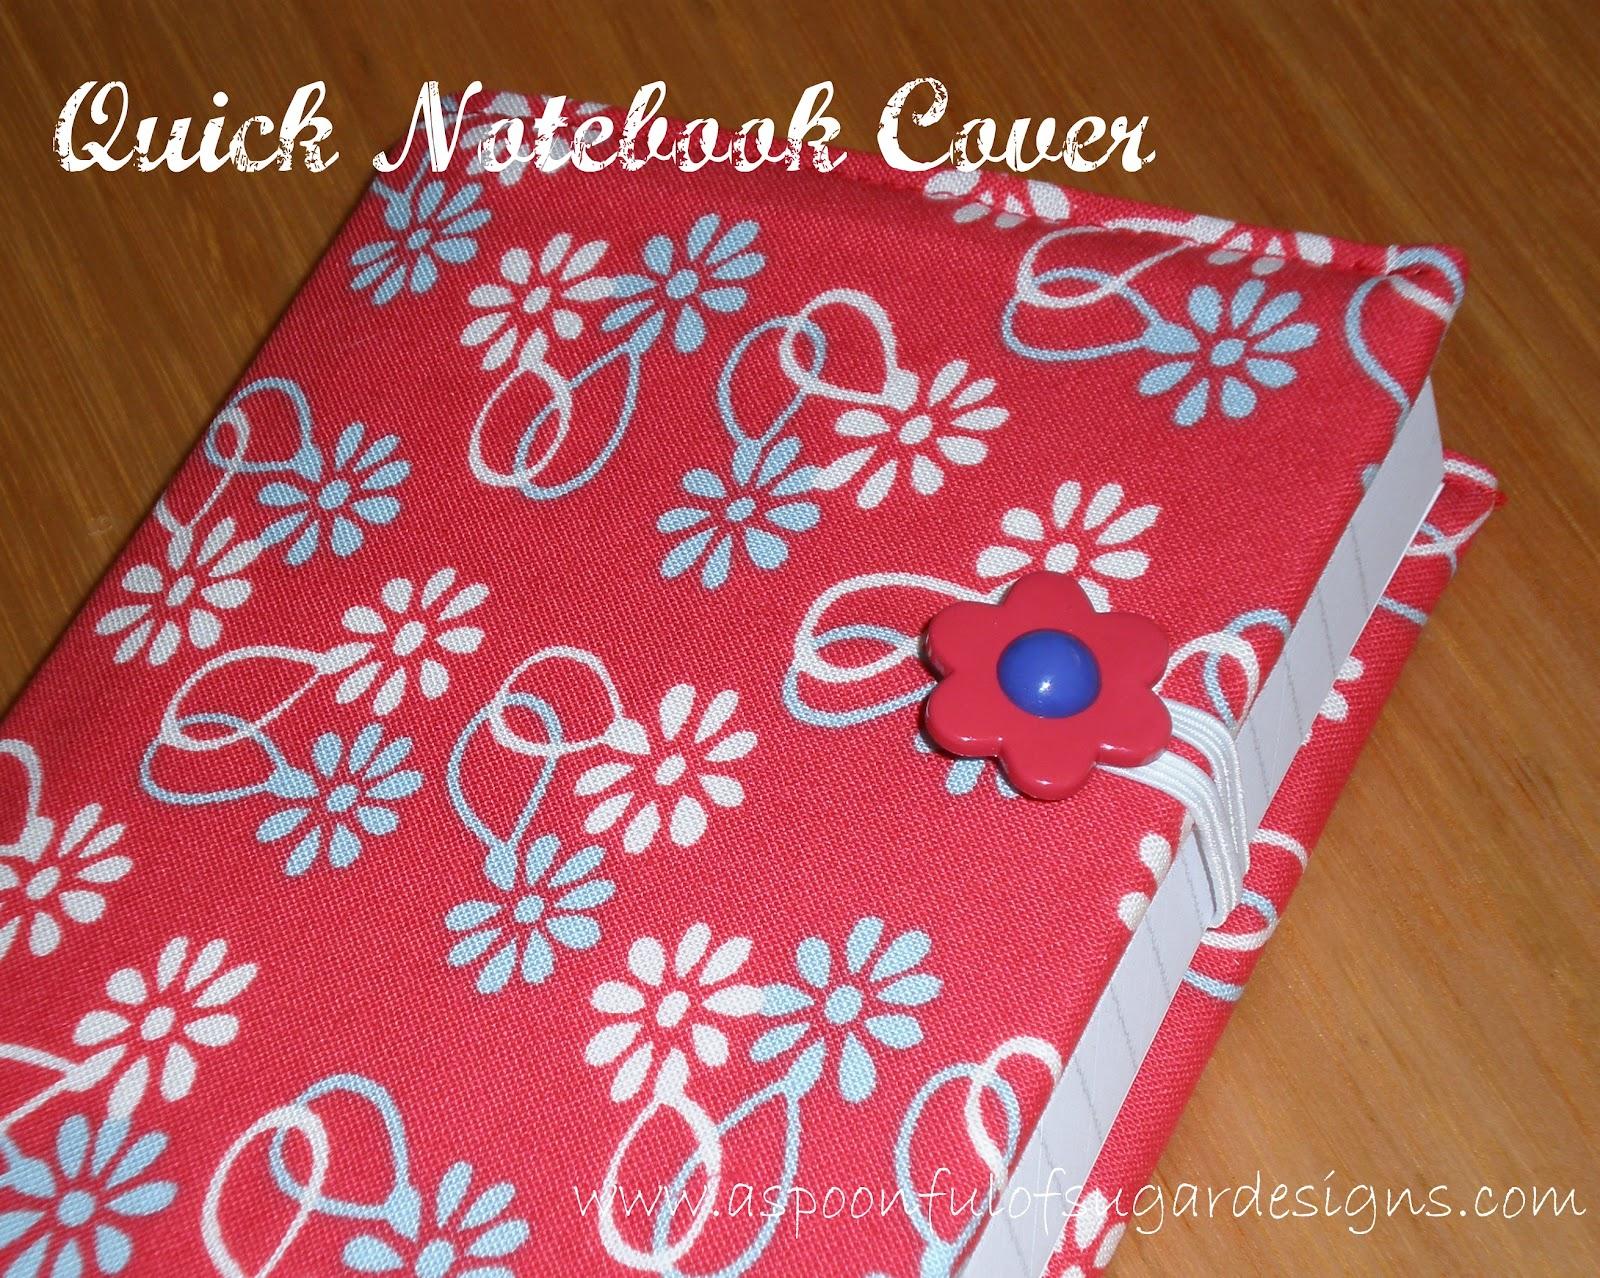 Обложка для дневника из ткани своими руками